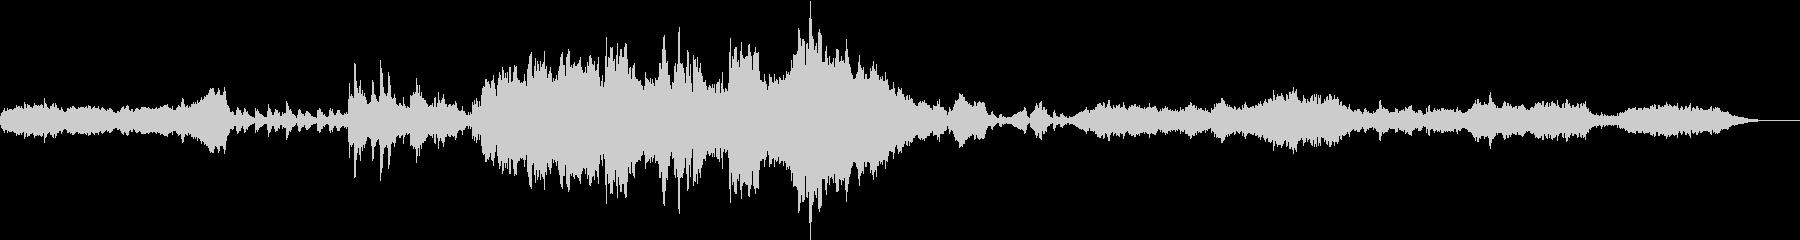 壮大なファンタジーRPG風オーケストラの未再生の波形